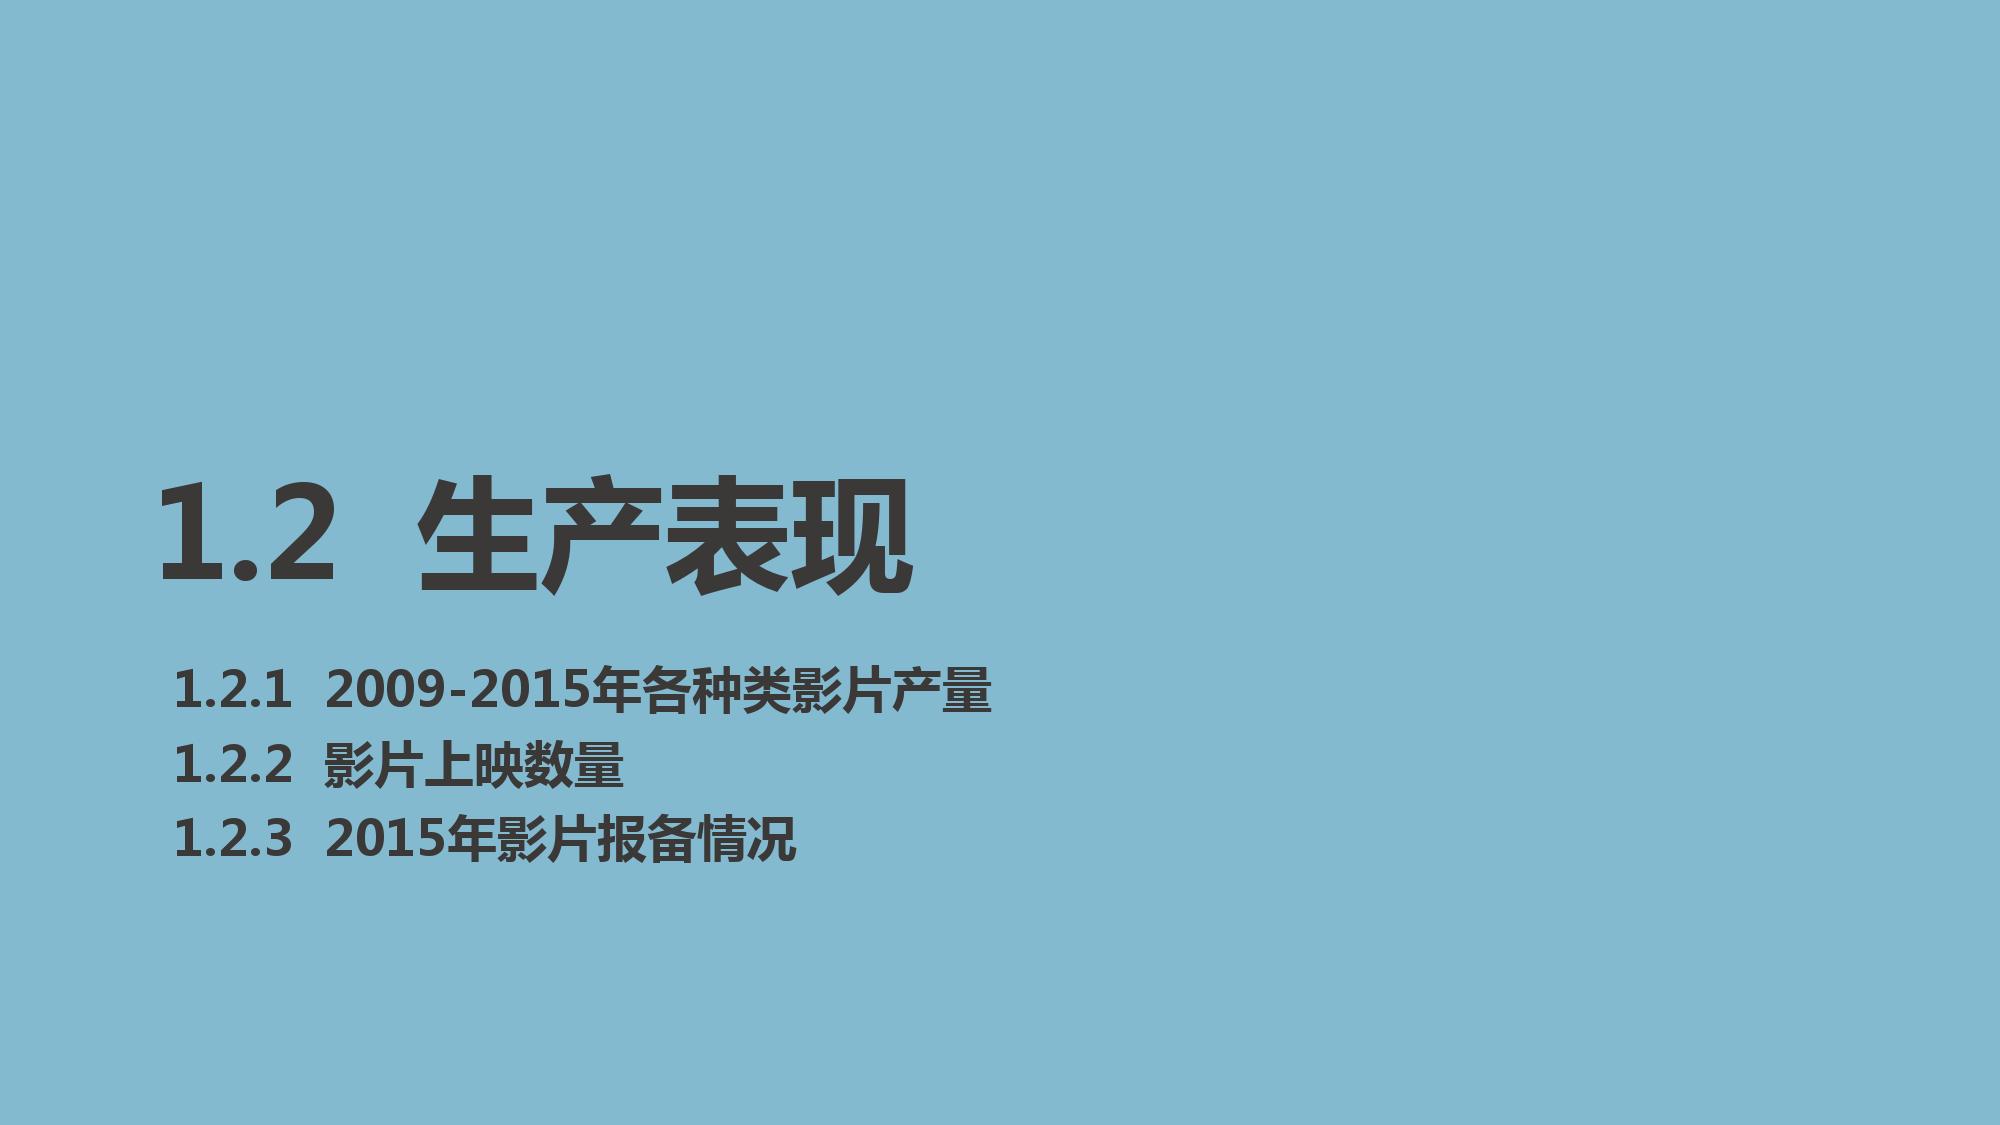 2015年度中国电影产业报告_000018